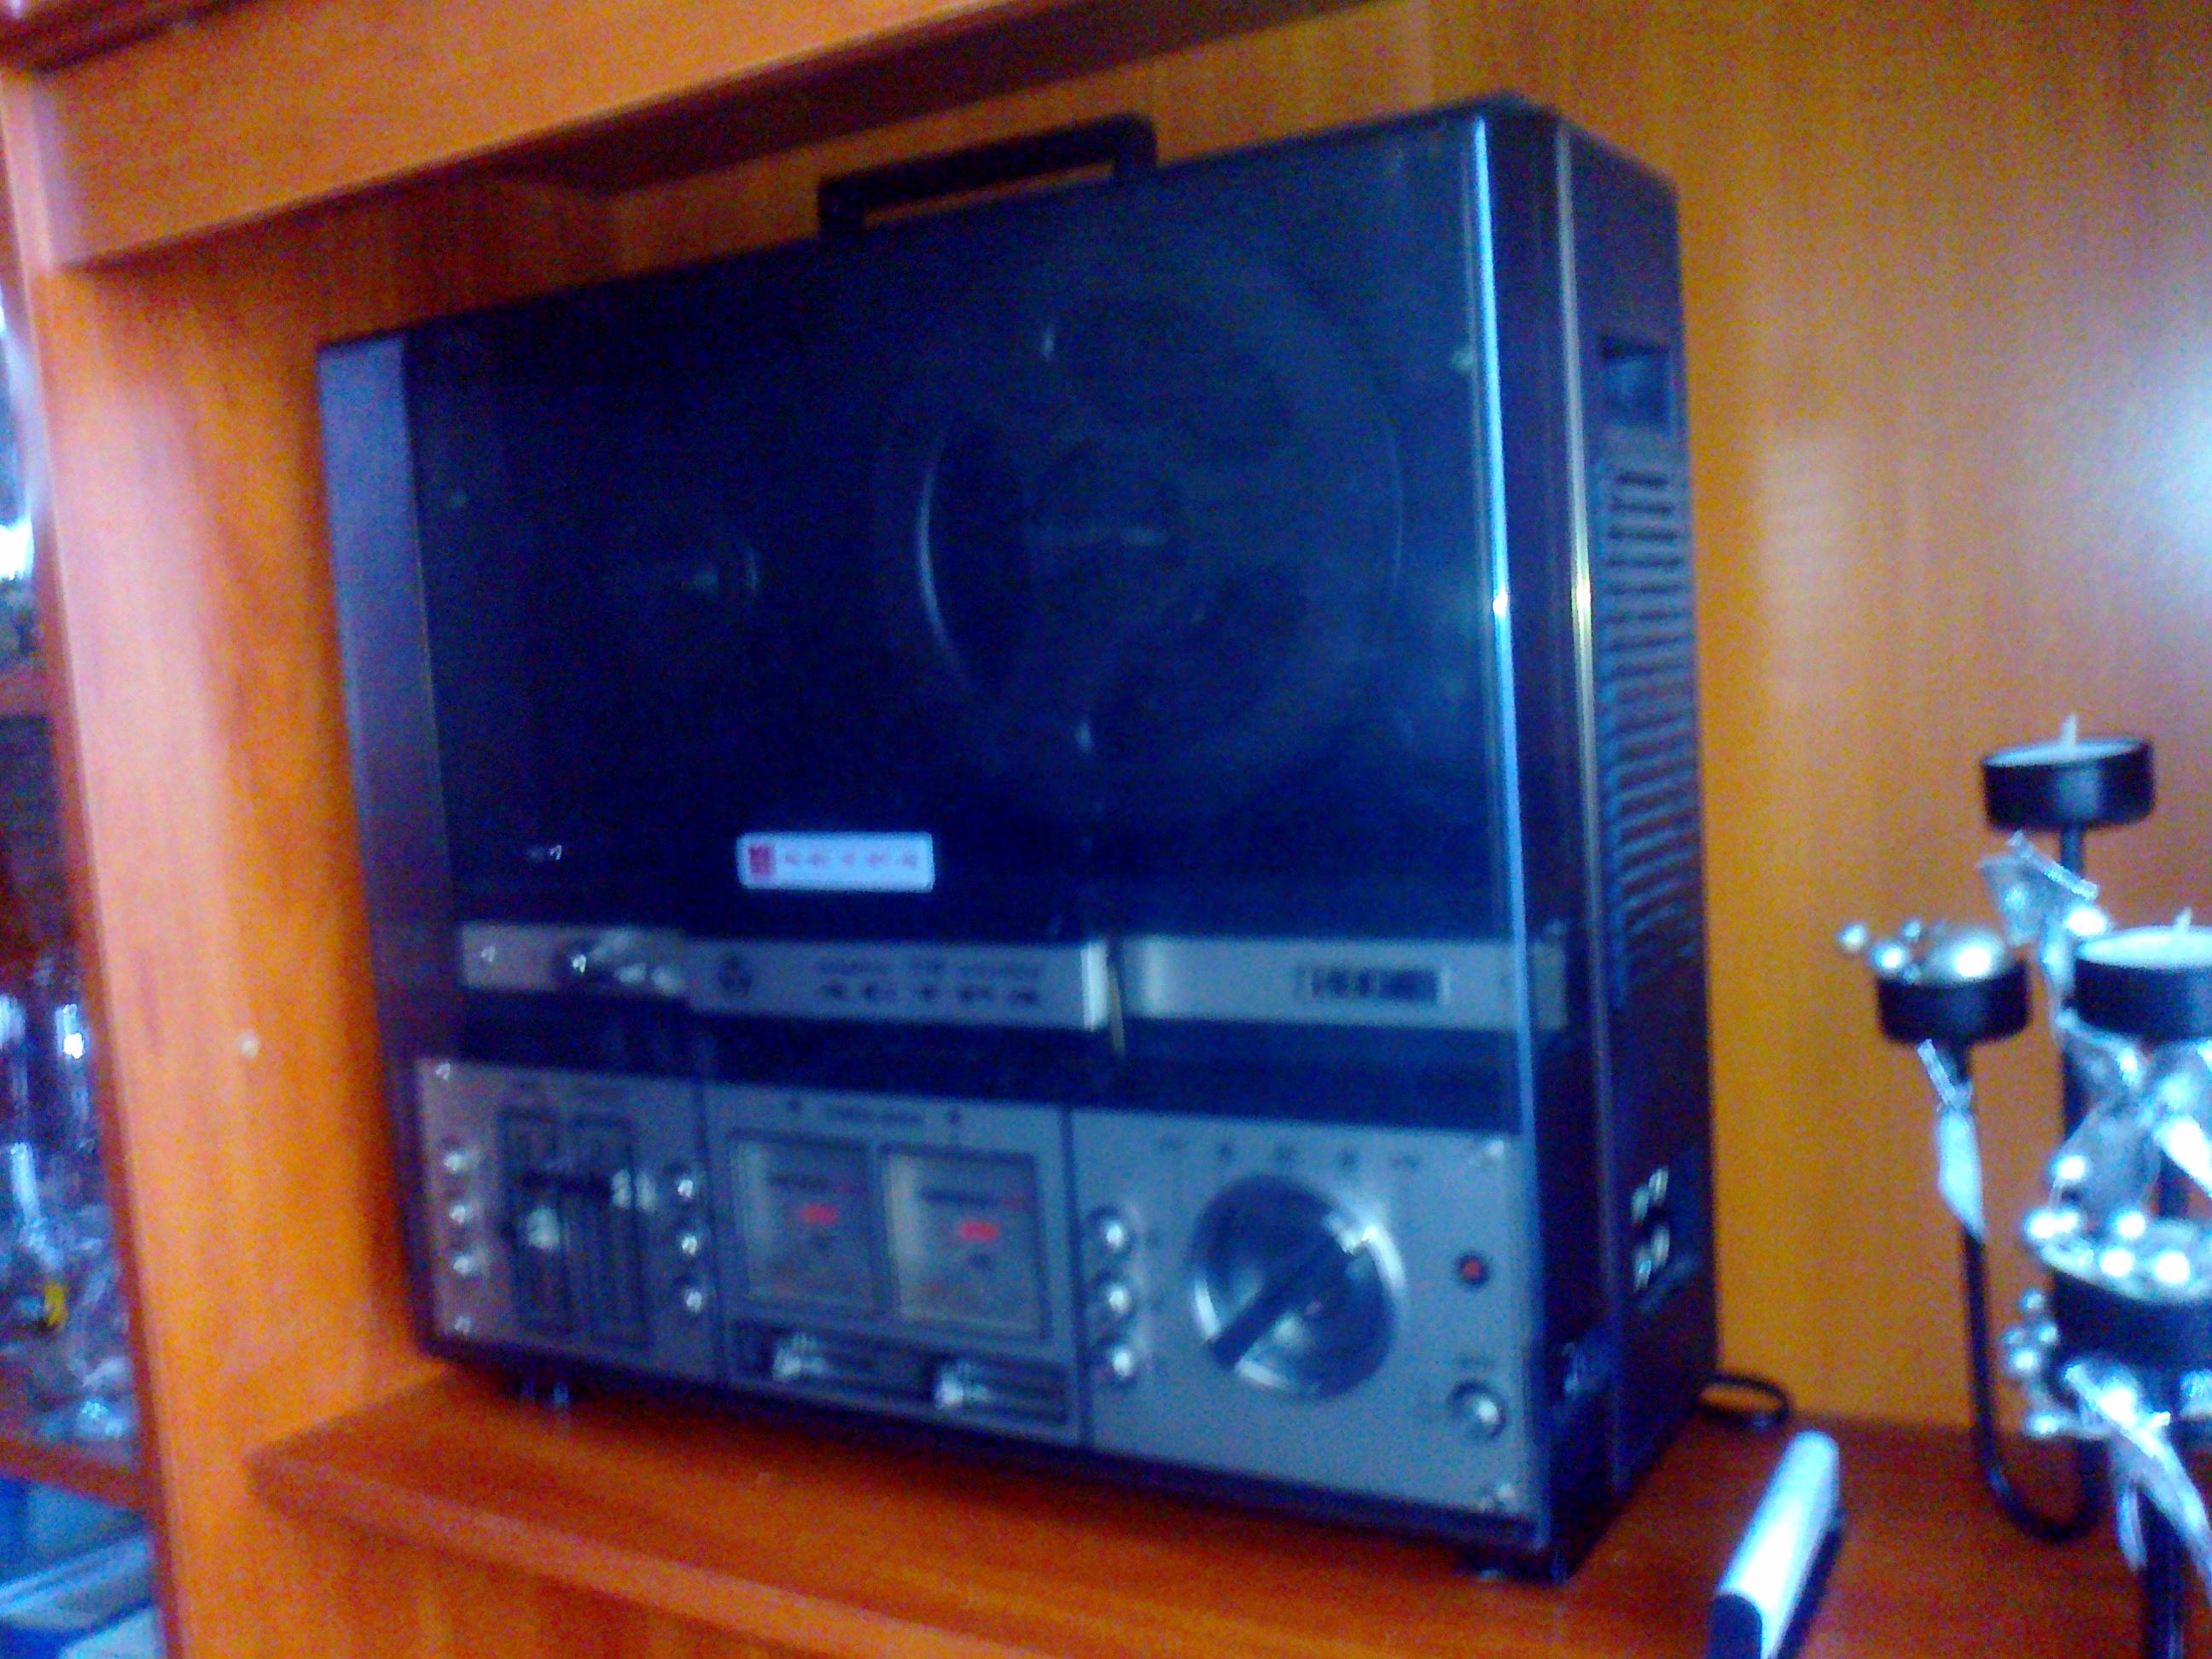 Audiotehnika / Videotehnika - pērk/pārdod/maina un ne tikai... Fotoatt-ls1072